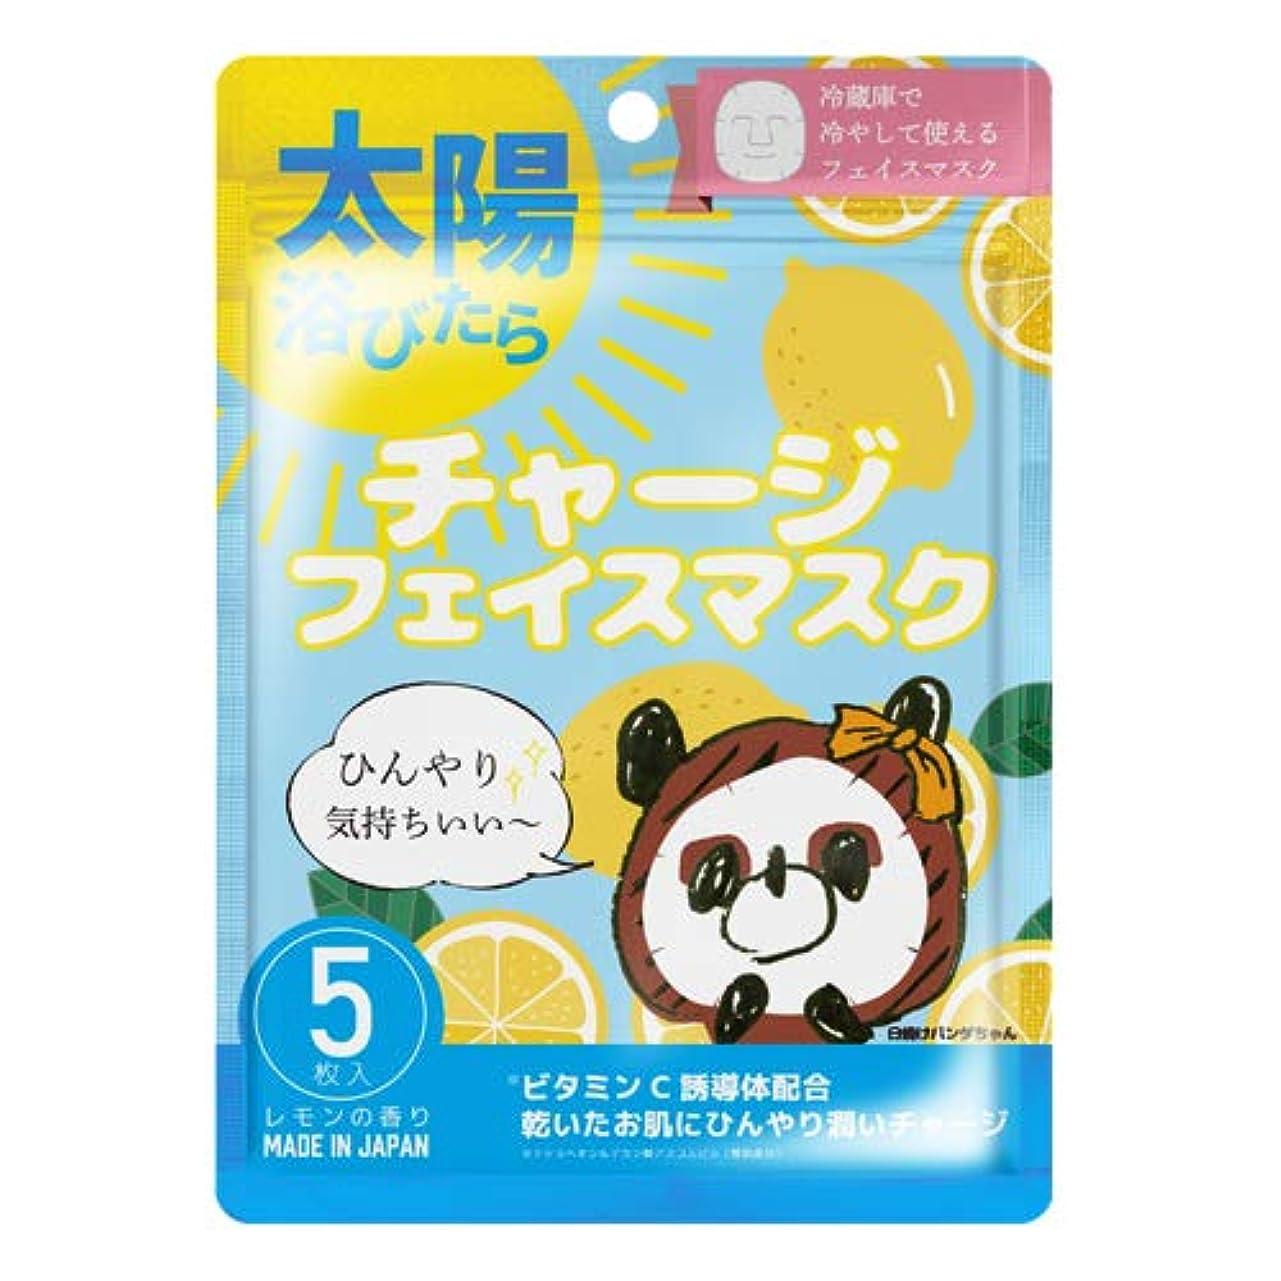 戸惑う嫌がる堂々たるチャージフェイスマスク Charge Face Mask / 美容 フェイスマスク 日焼け 潤い レモン スキンケア